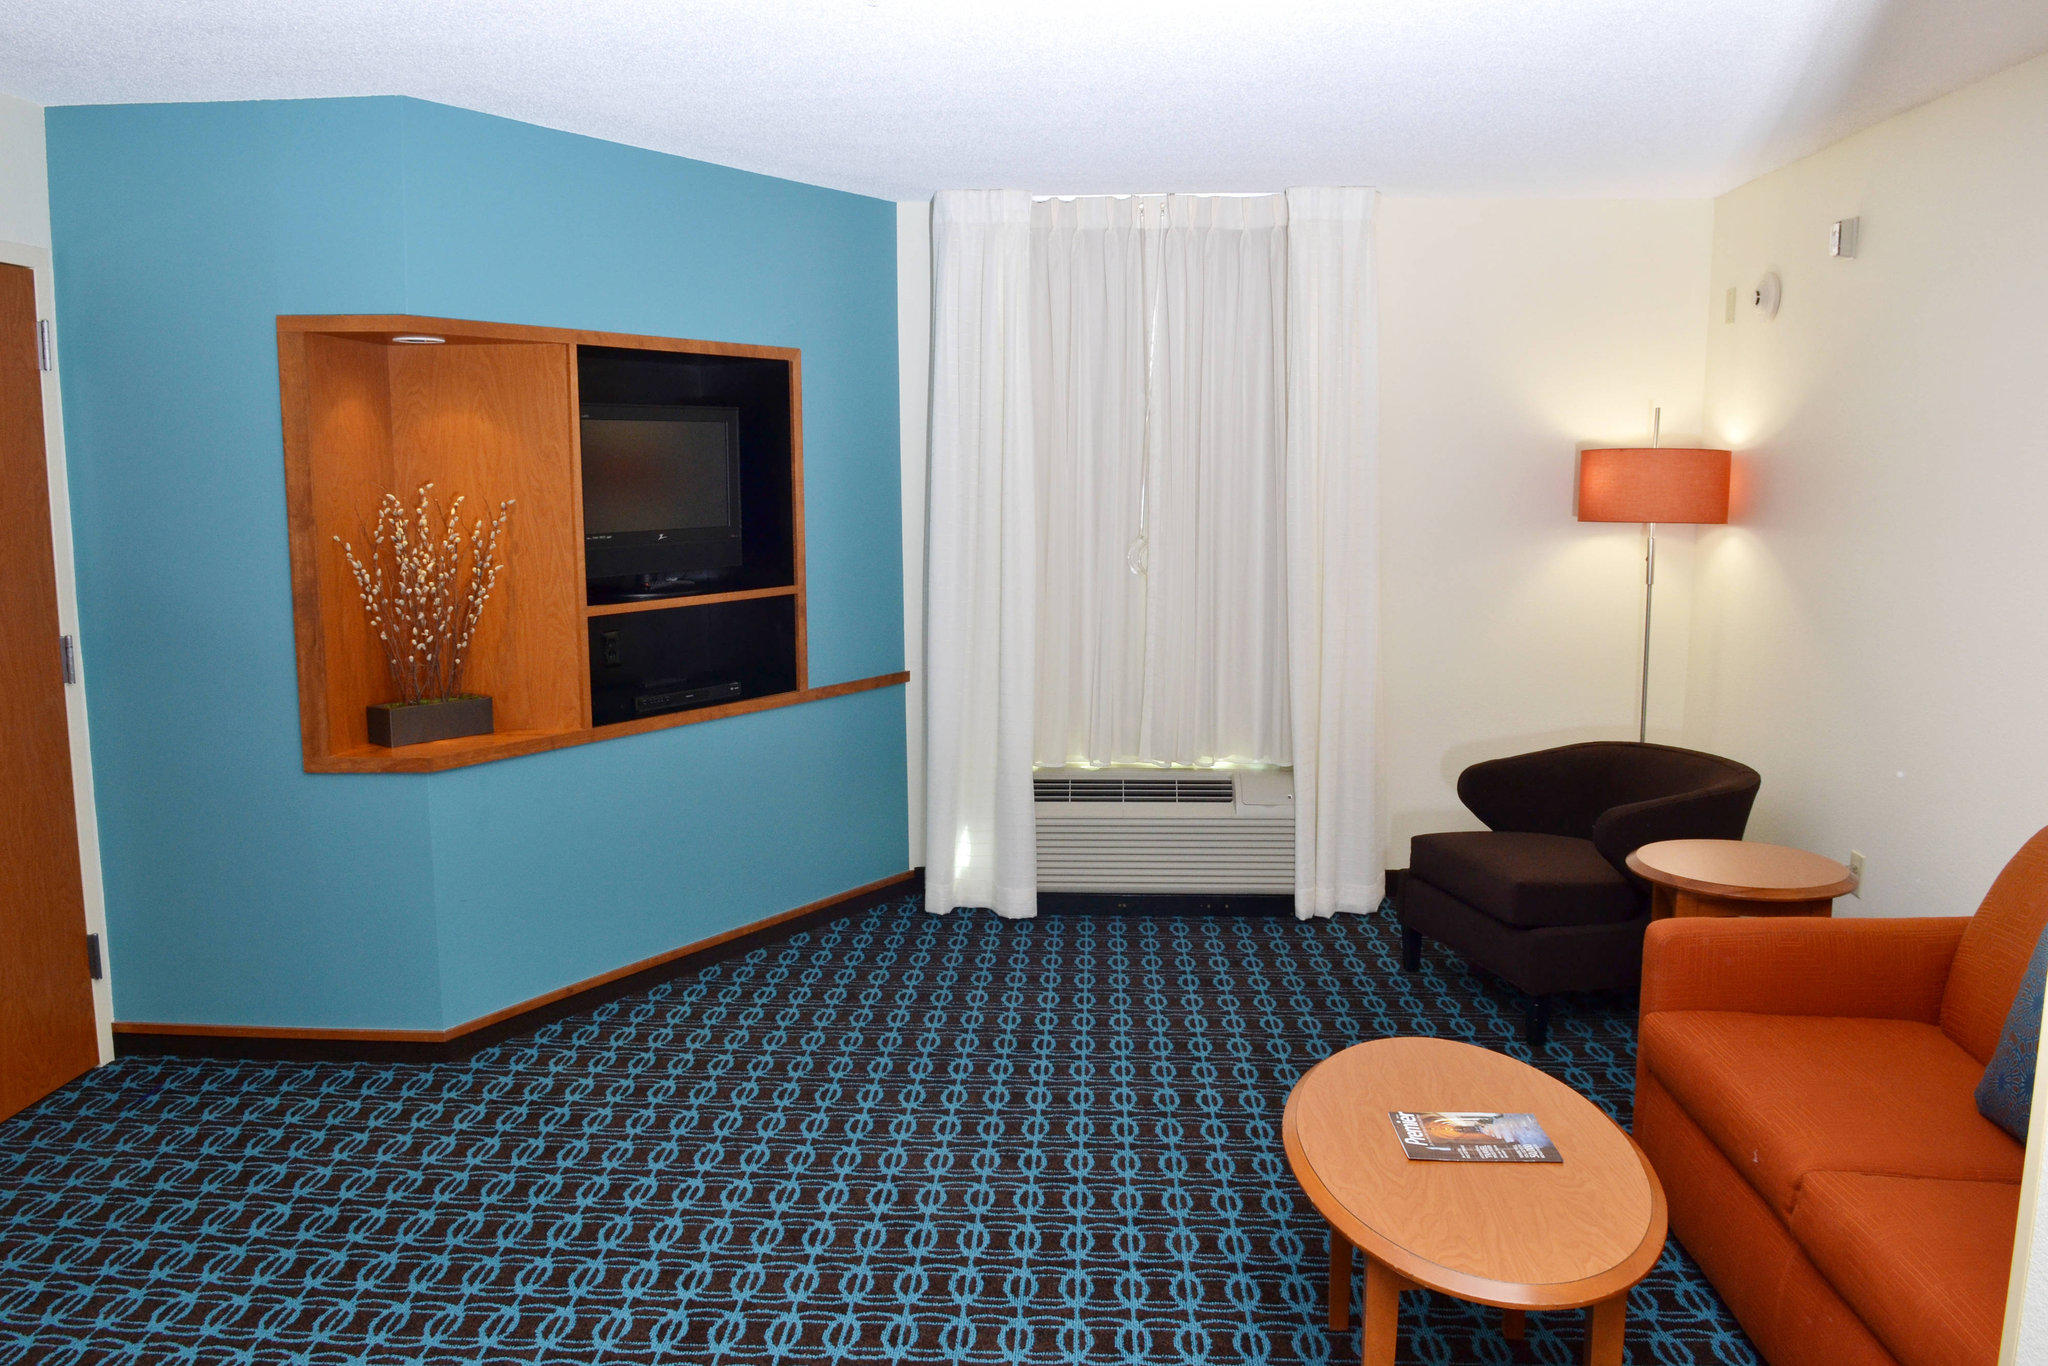 Fairfield Inn & Suites by Marriott Effingham